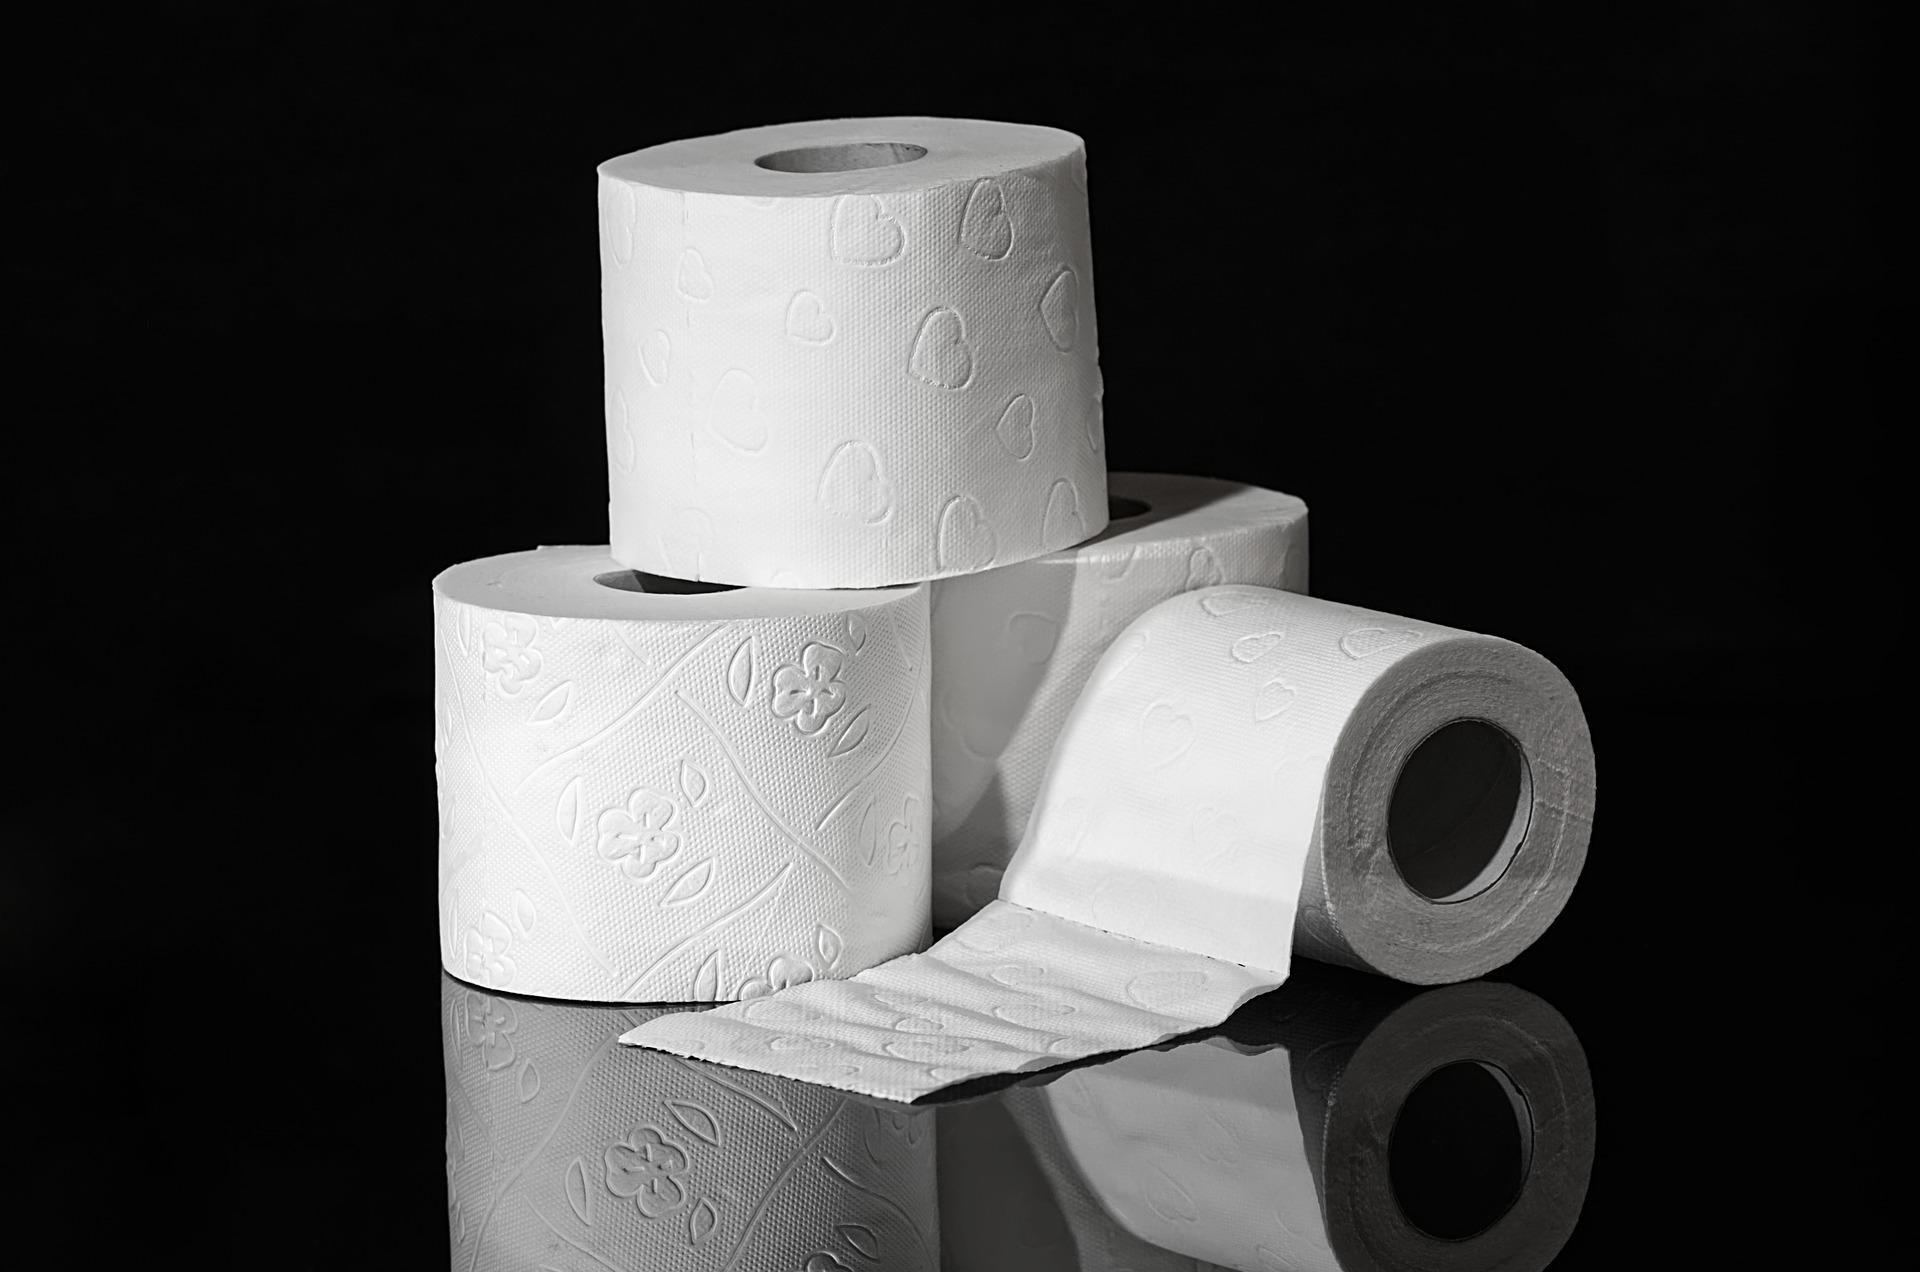 別忘了將廁所中的衛生紙換成再生衛生紙